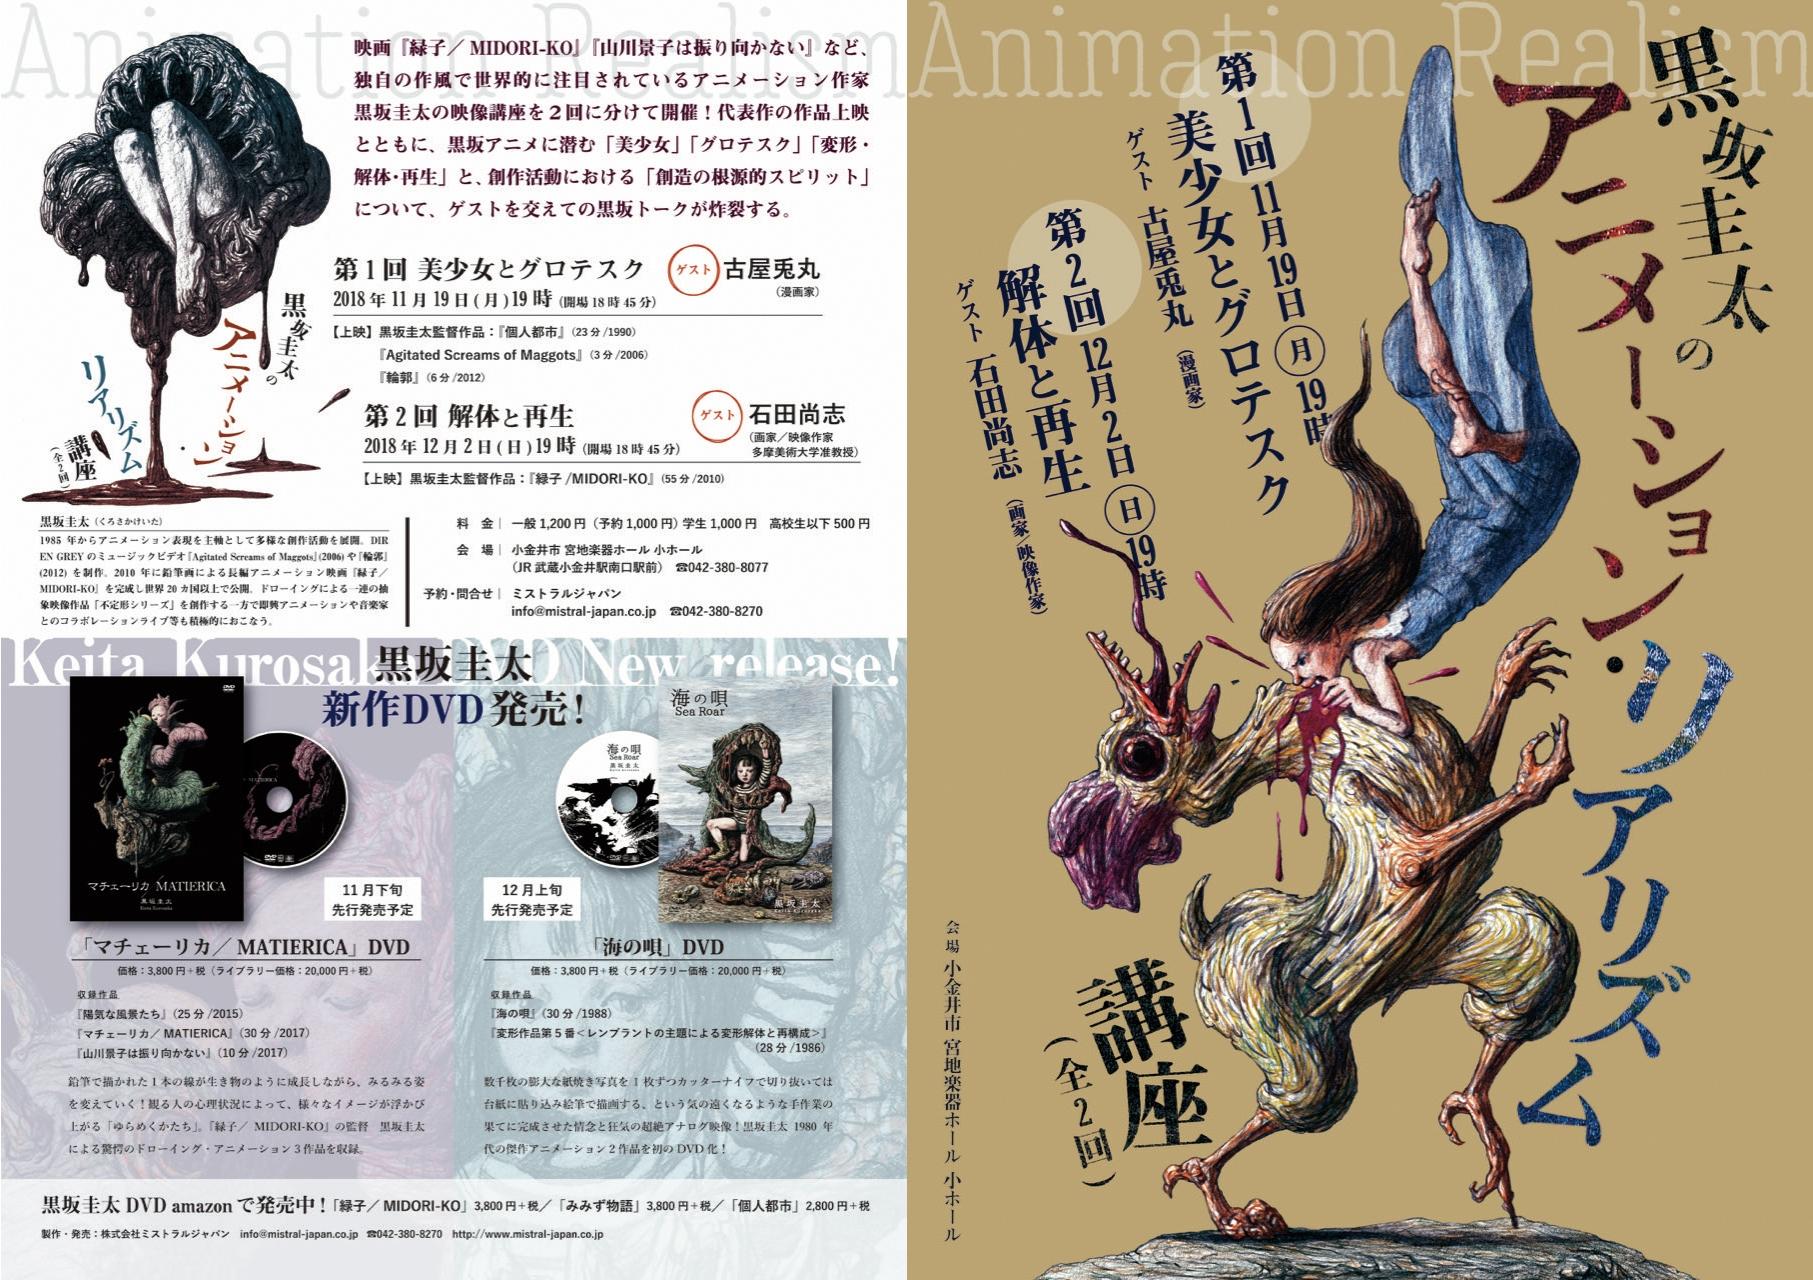 黒坂圭太のアニメーション・リアリズム講座(全2回)